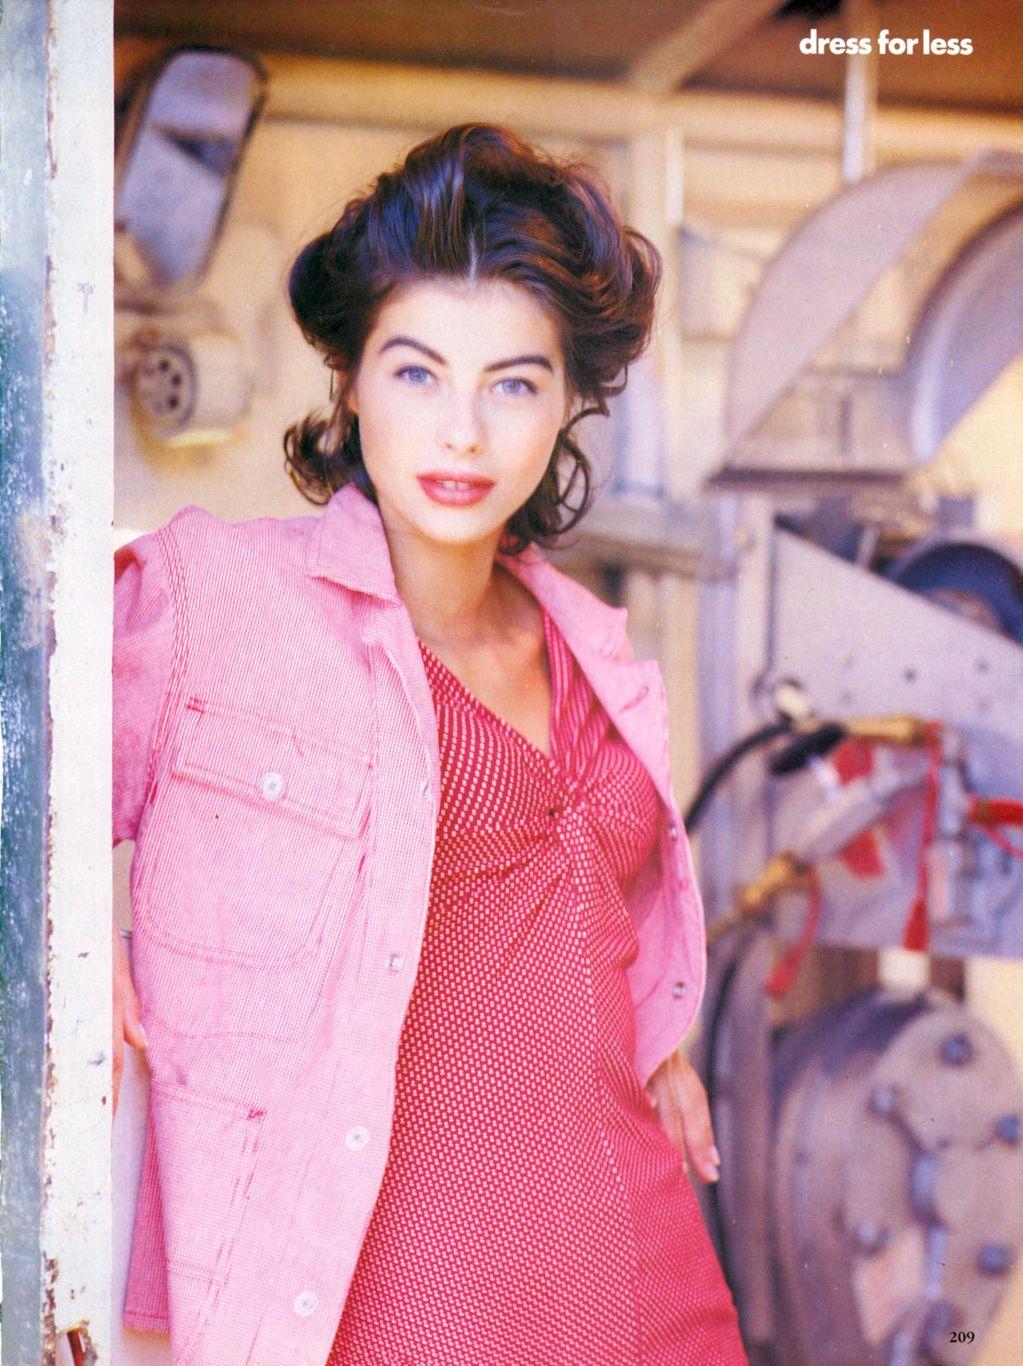 Vogue (US) January 1991 | Dress For Less - ingham Checks In 06.jpg